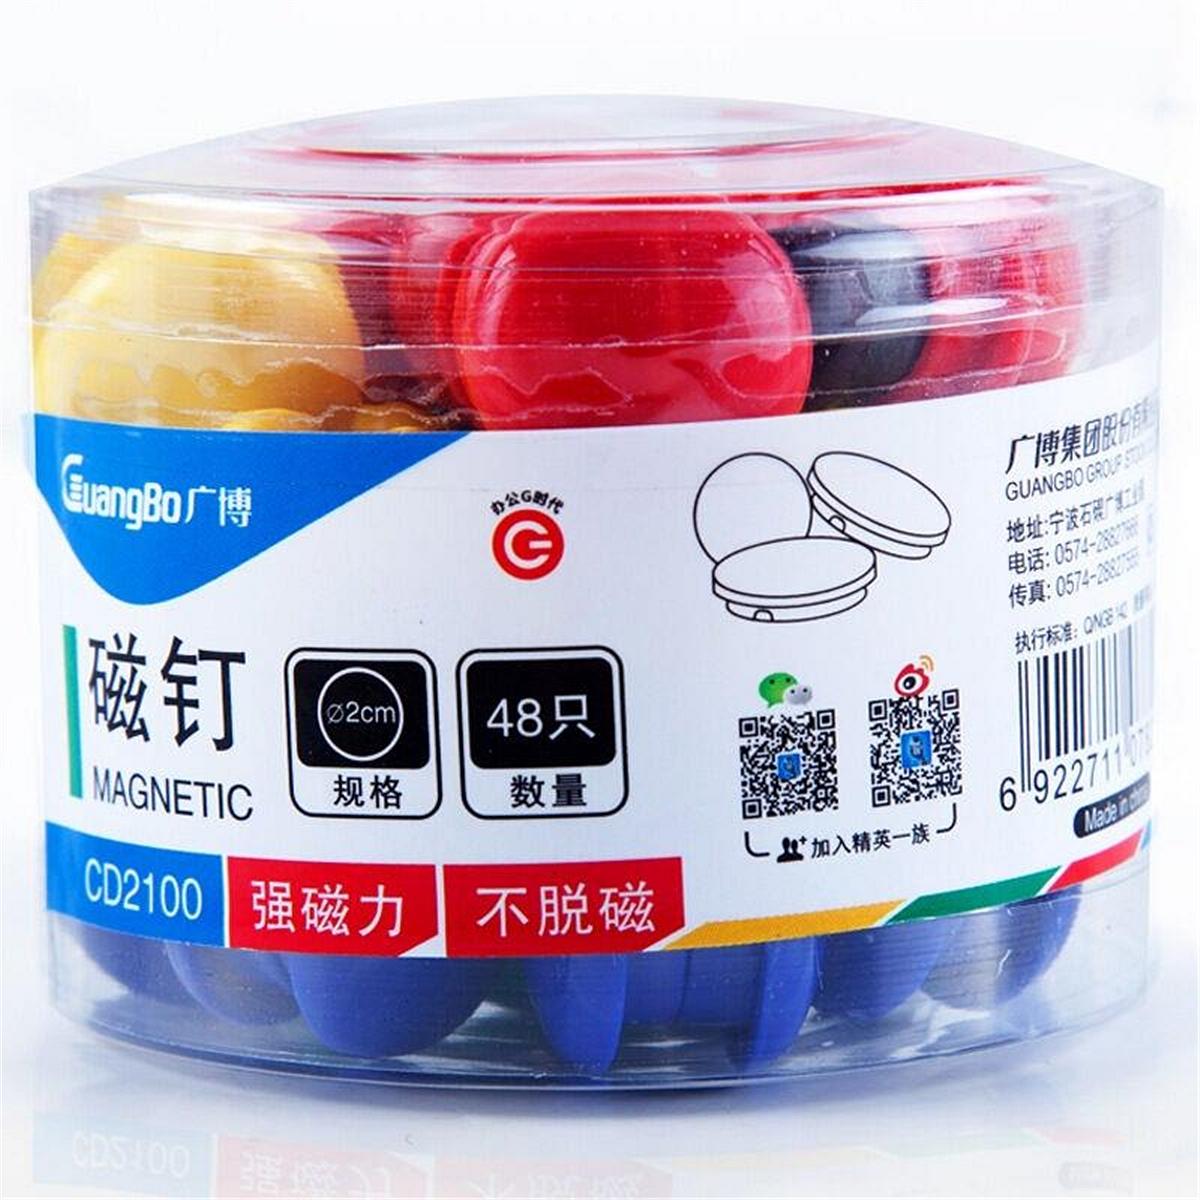 广博 CD2100 磁钉 70*52mm (单位:筒) 混色